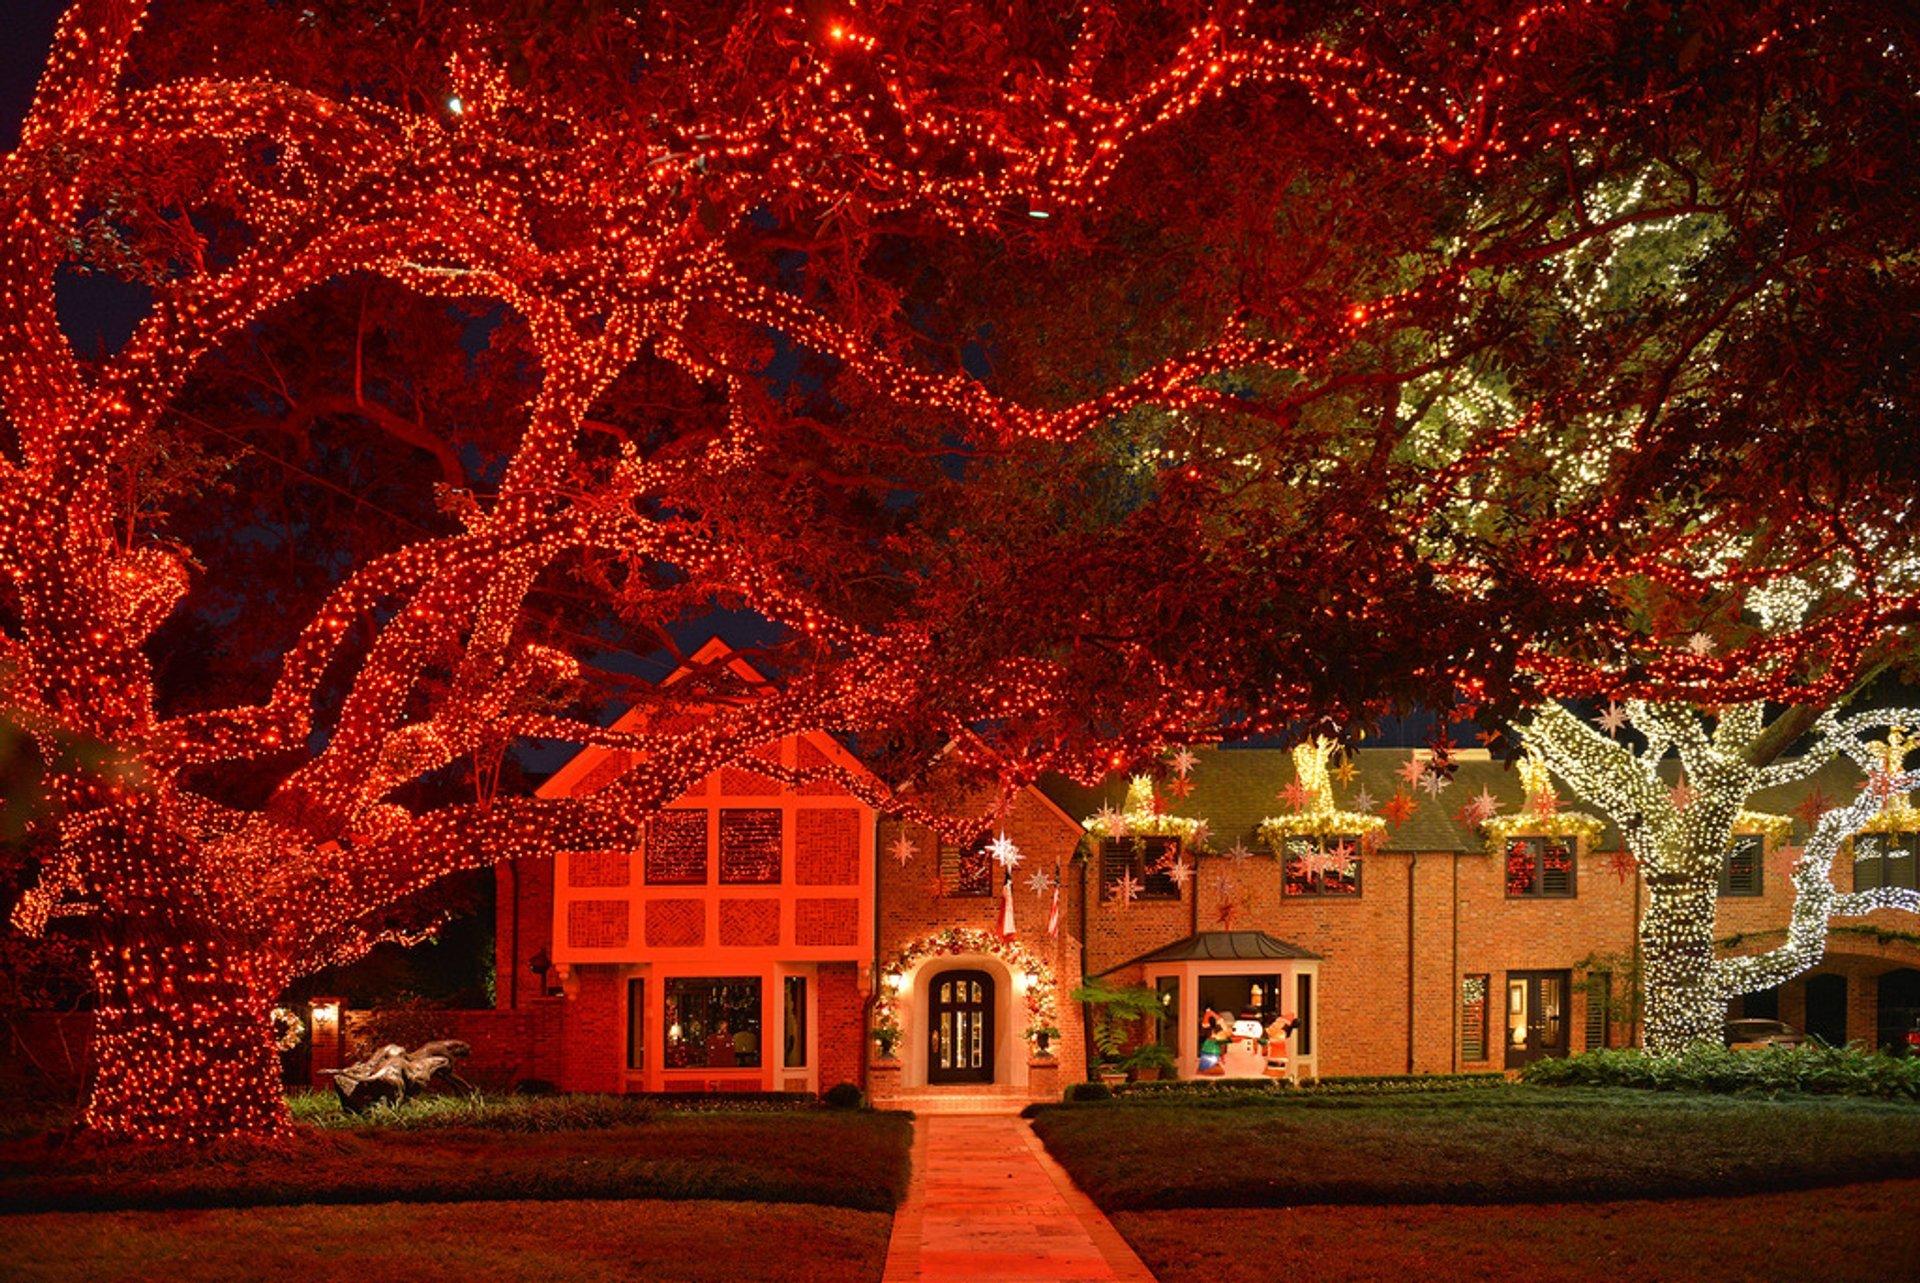 Christmas lights in River Oaks 2020